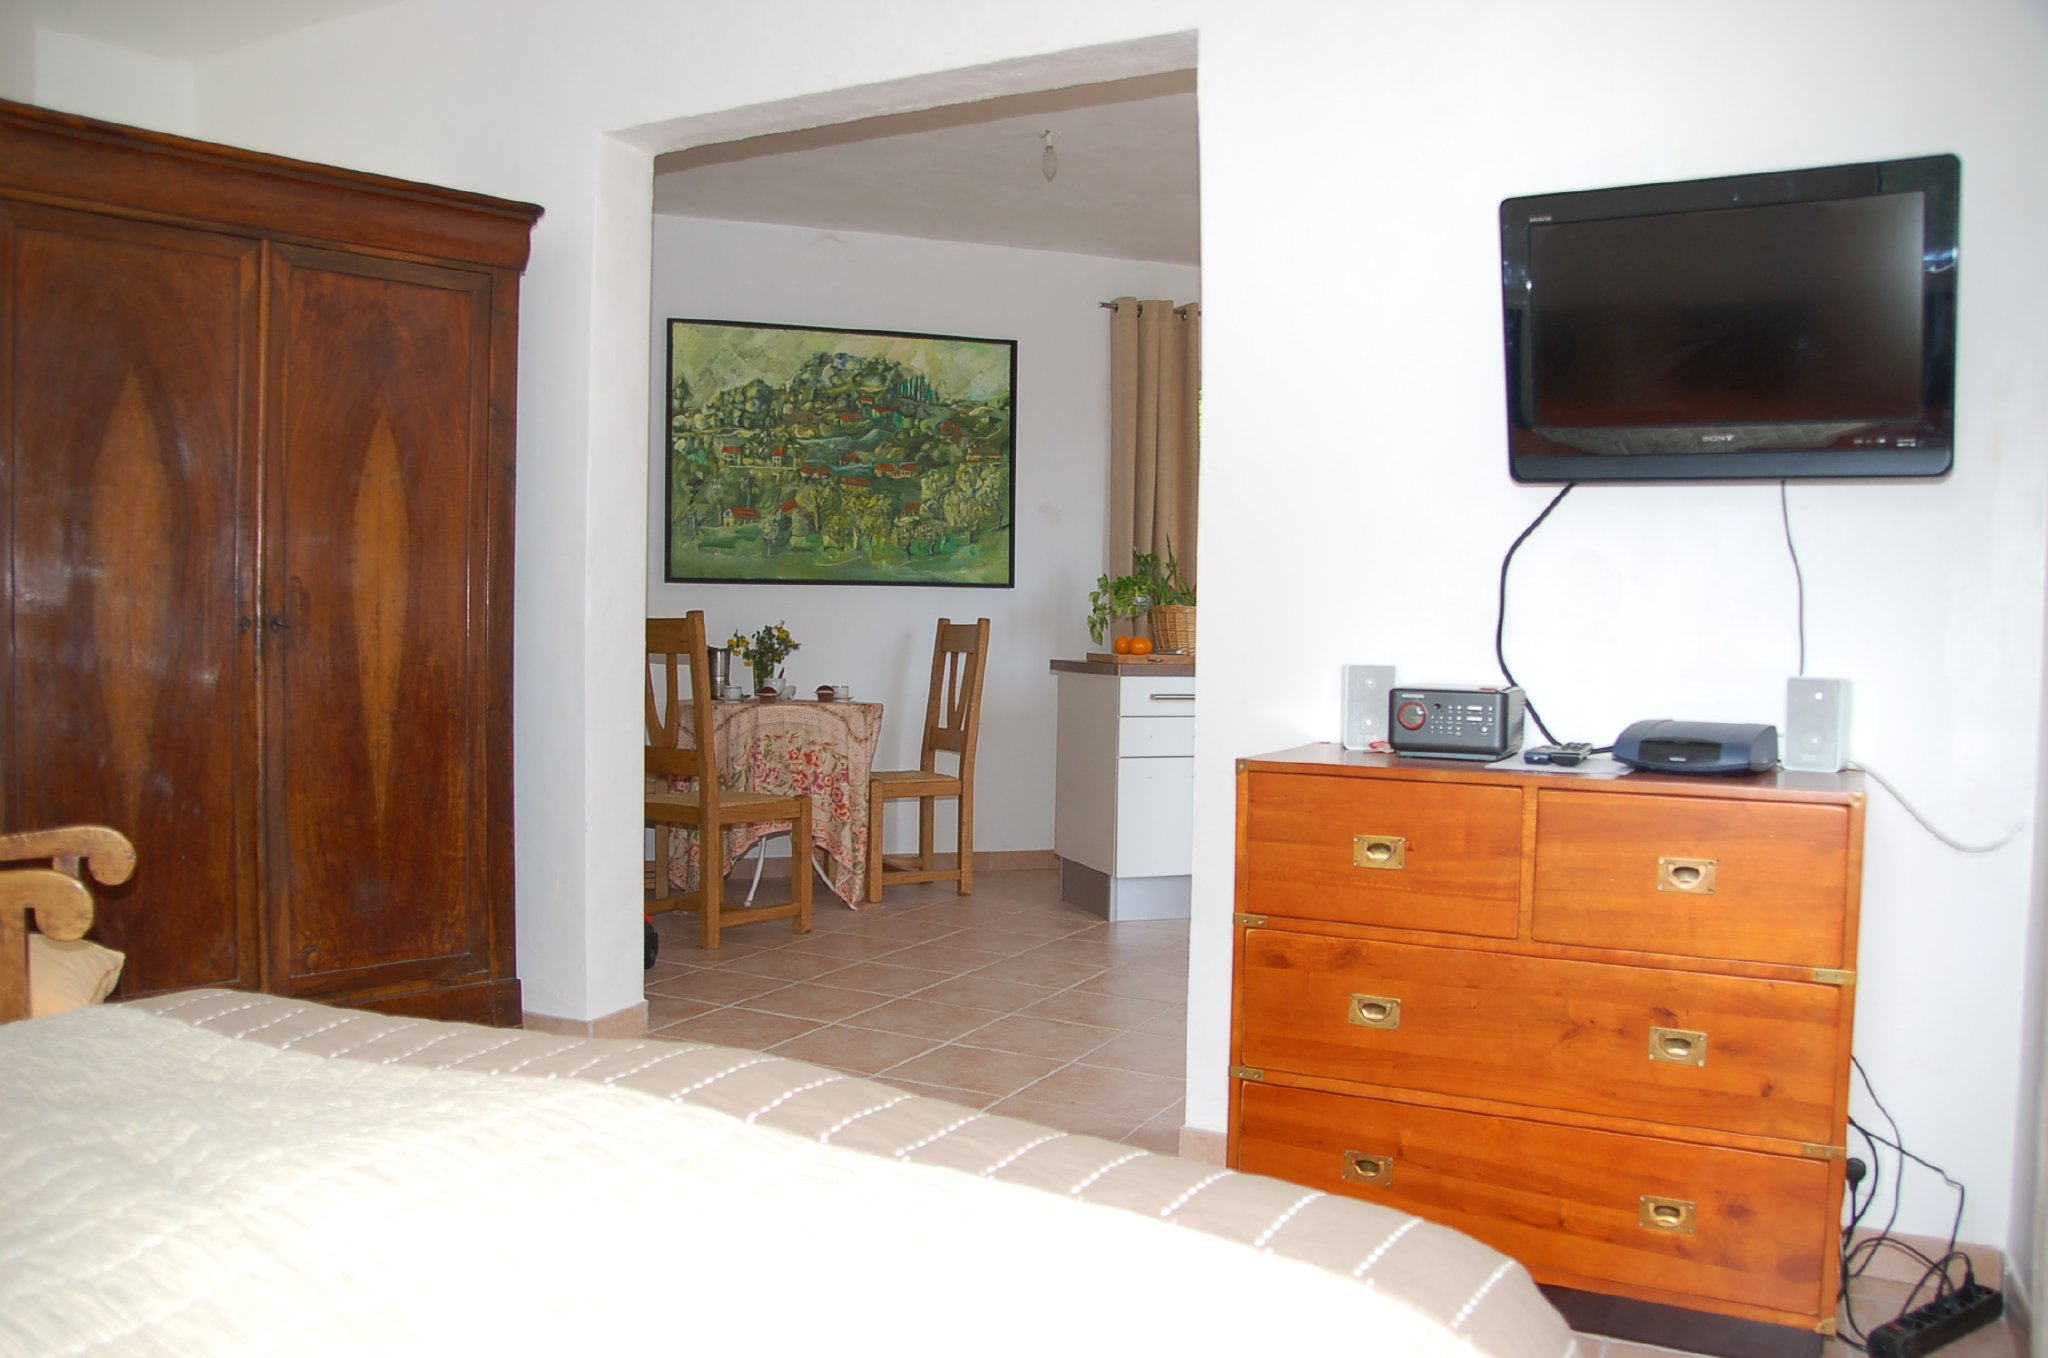 Blick aus dem Schlafraum ins Wohnzimmer